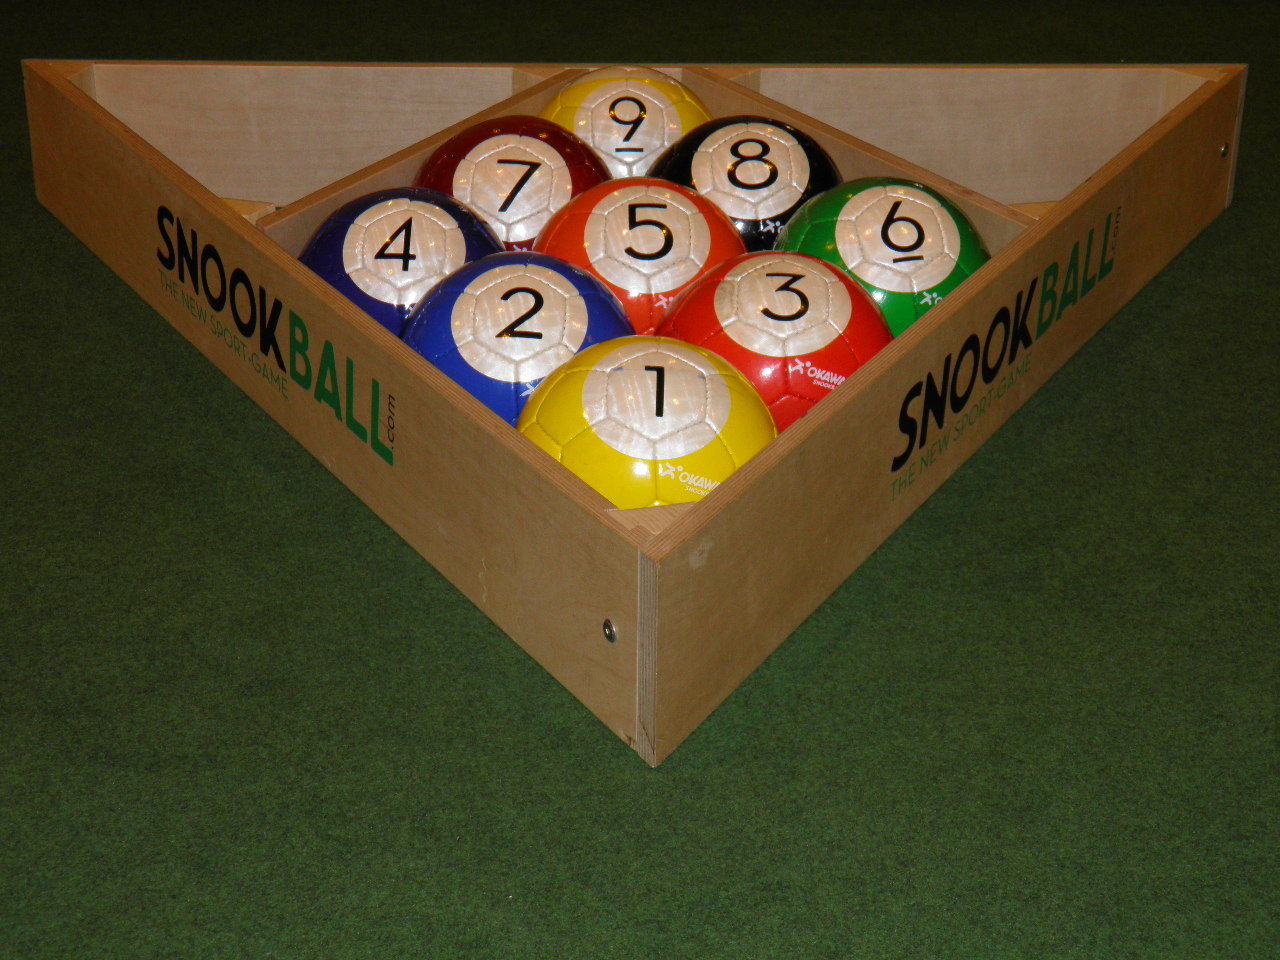 américain 9 balls